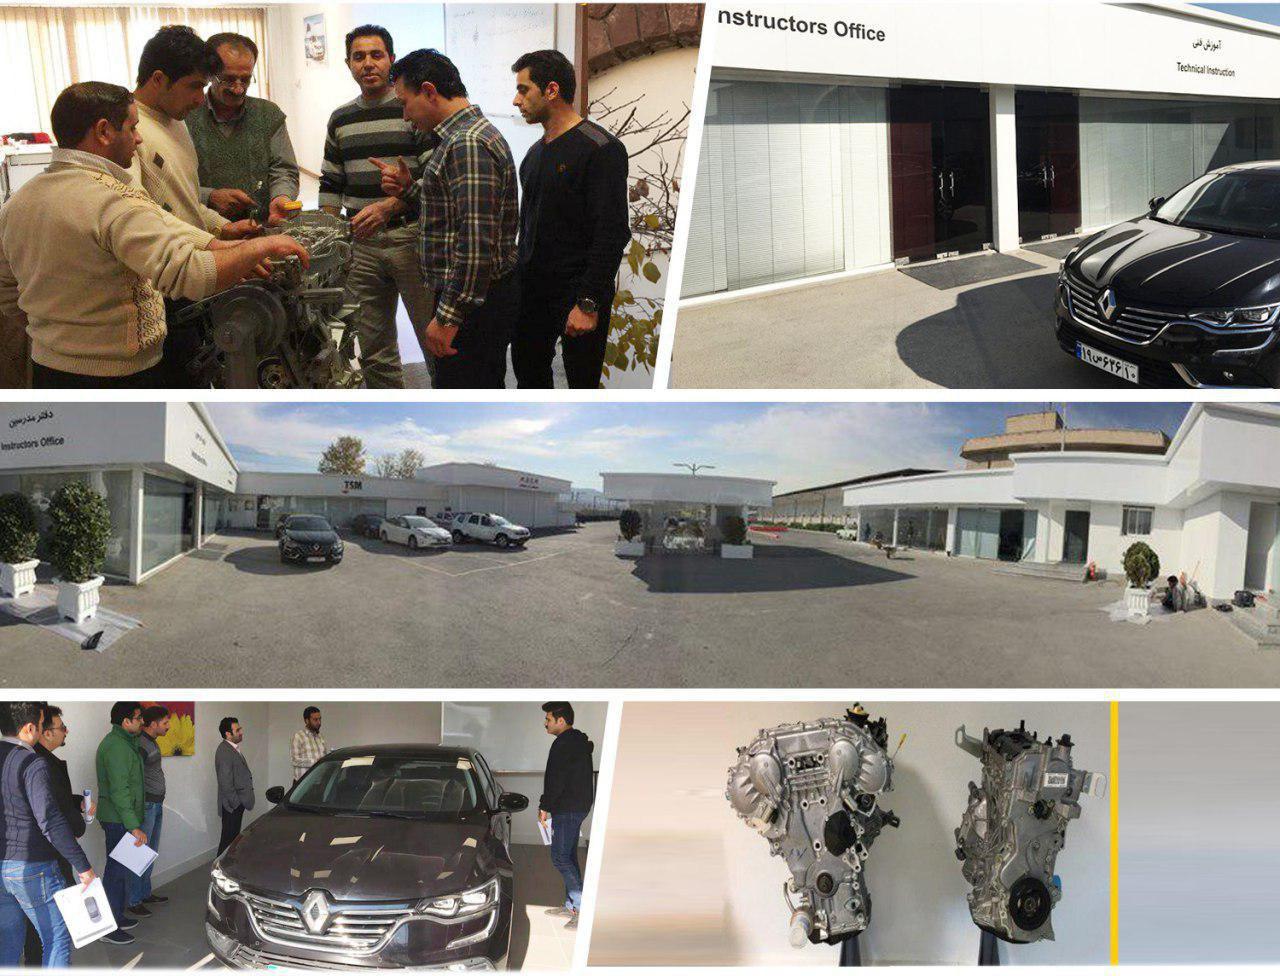 آغاز بکار جدیدترین و مجهزترین مرکز آموزش نگین خودرو